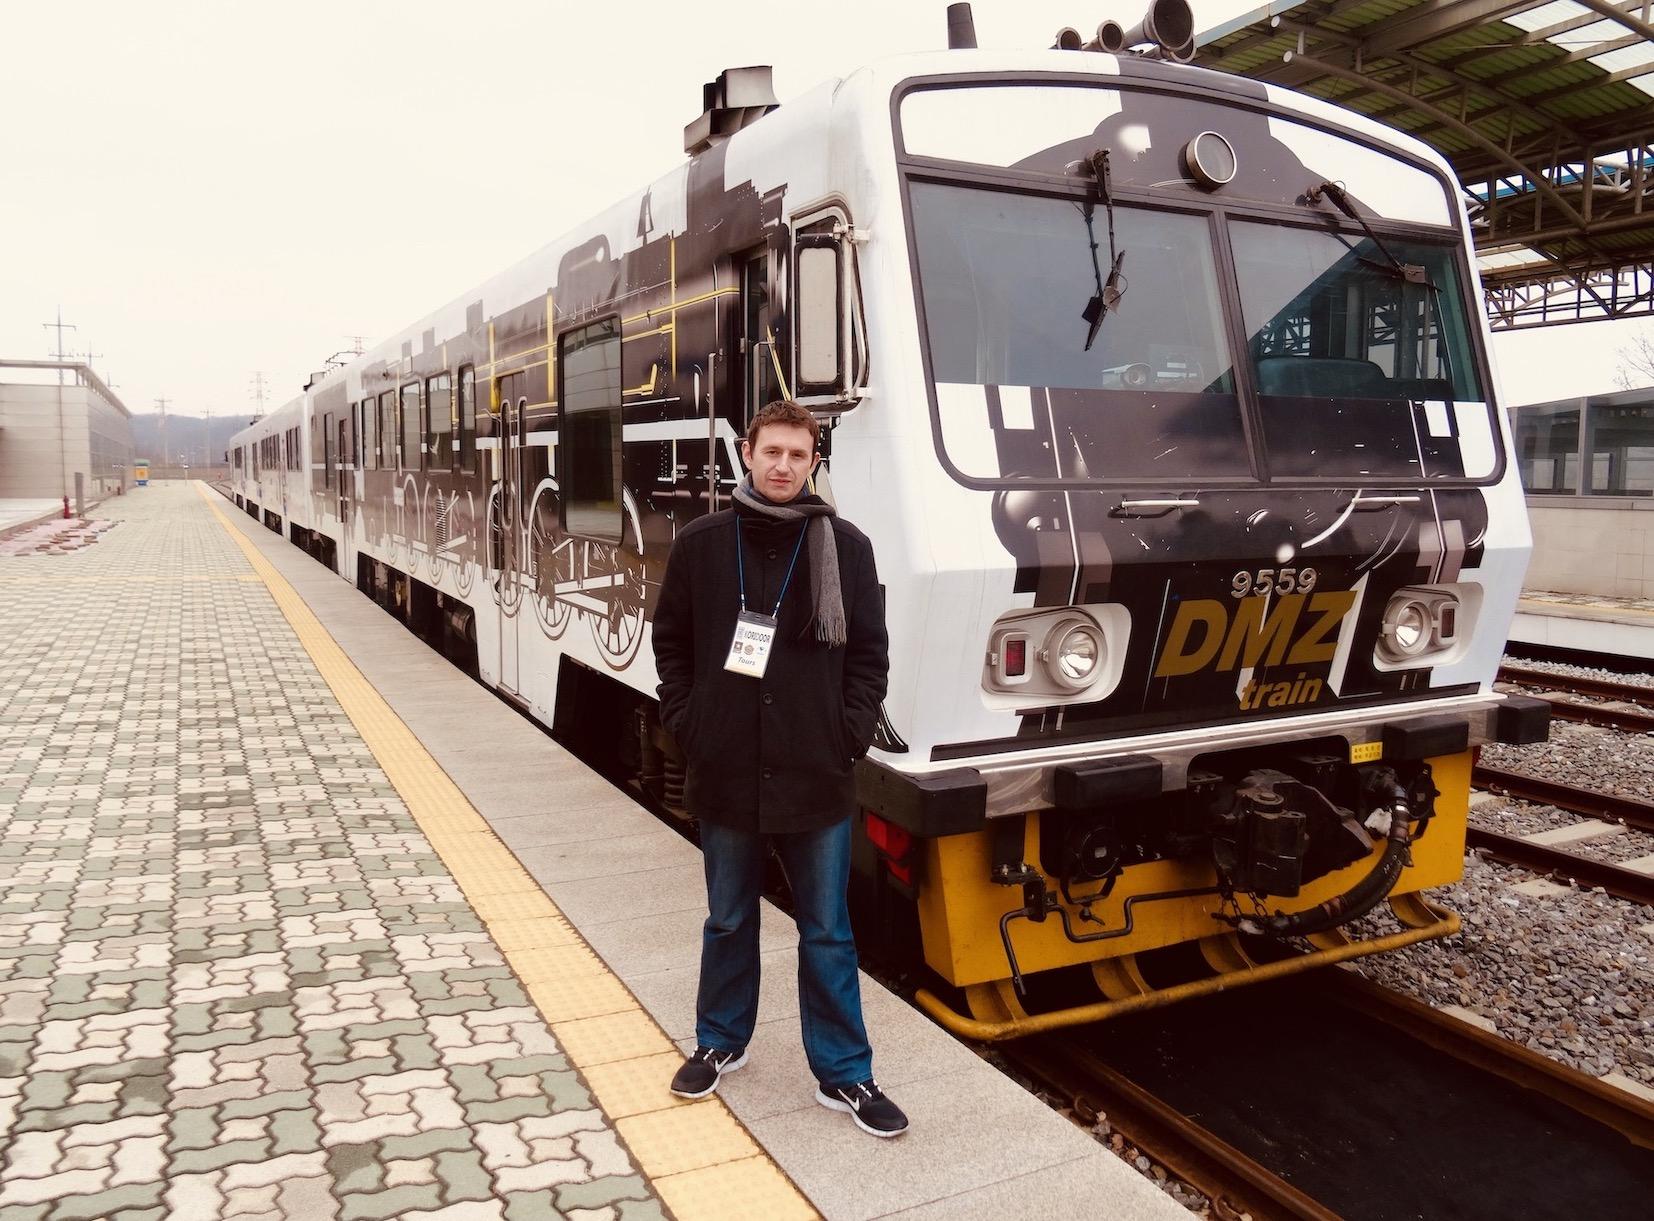 The DMZ Train South Korea.